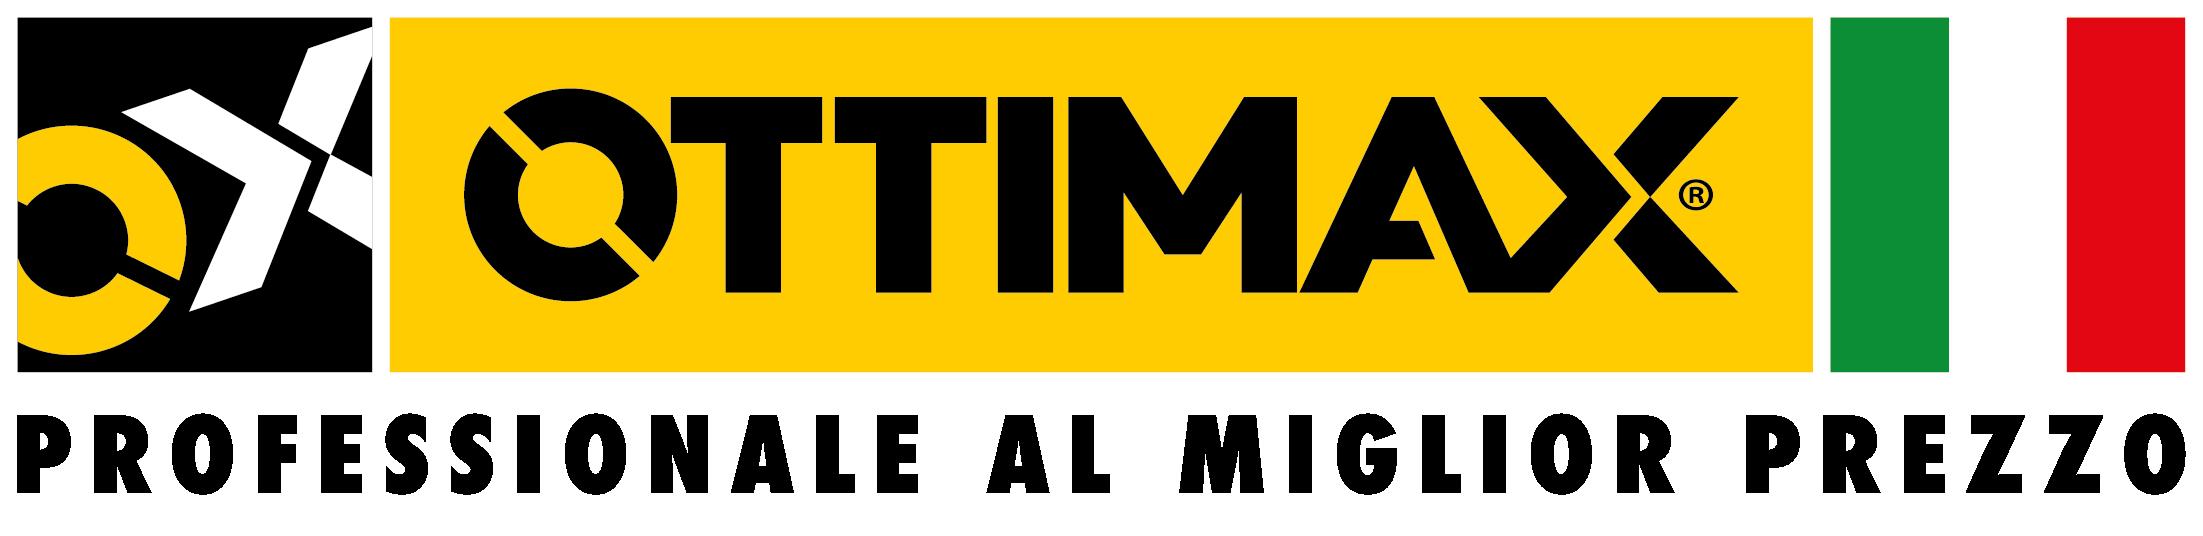 Pavimenti e piastrelle in vendita online - Ottimax